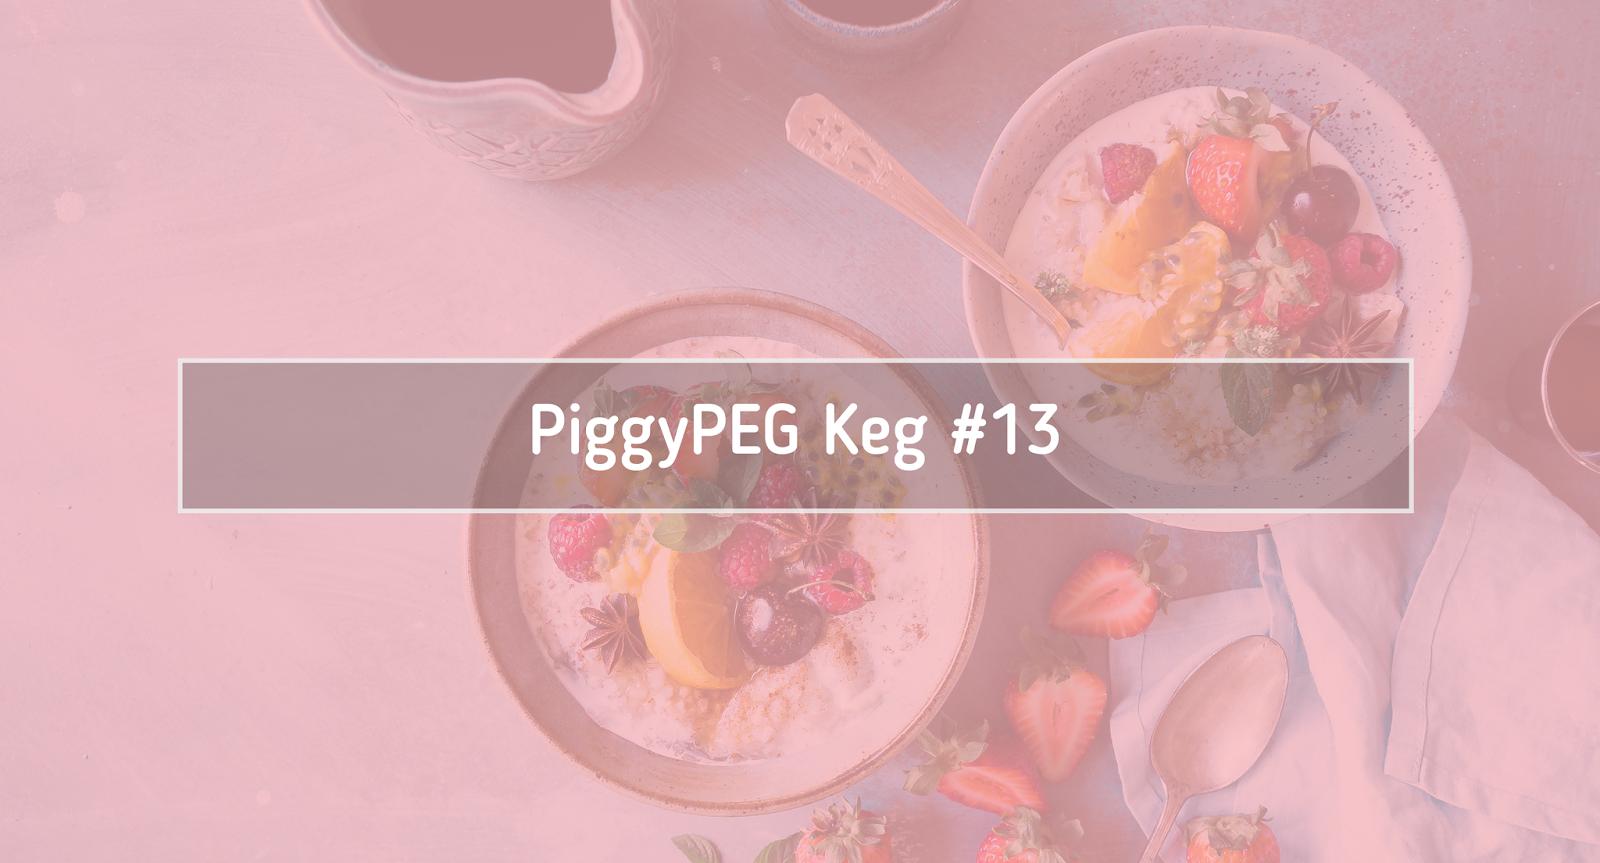 Piggypeg Keg #13 Lipiec